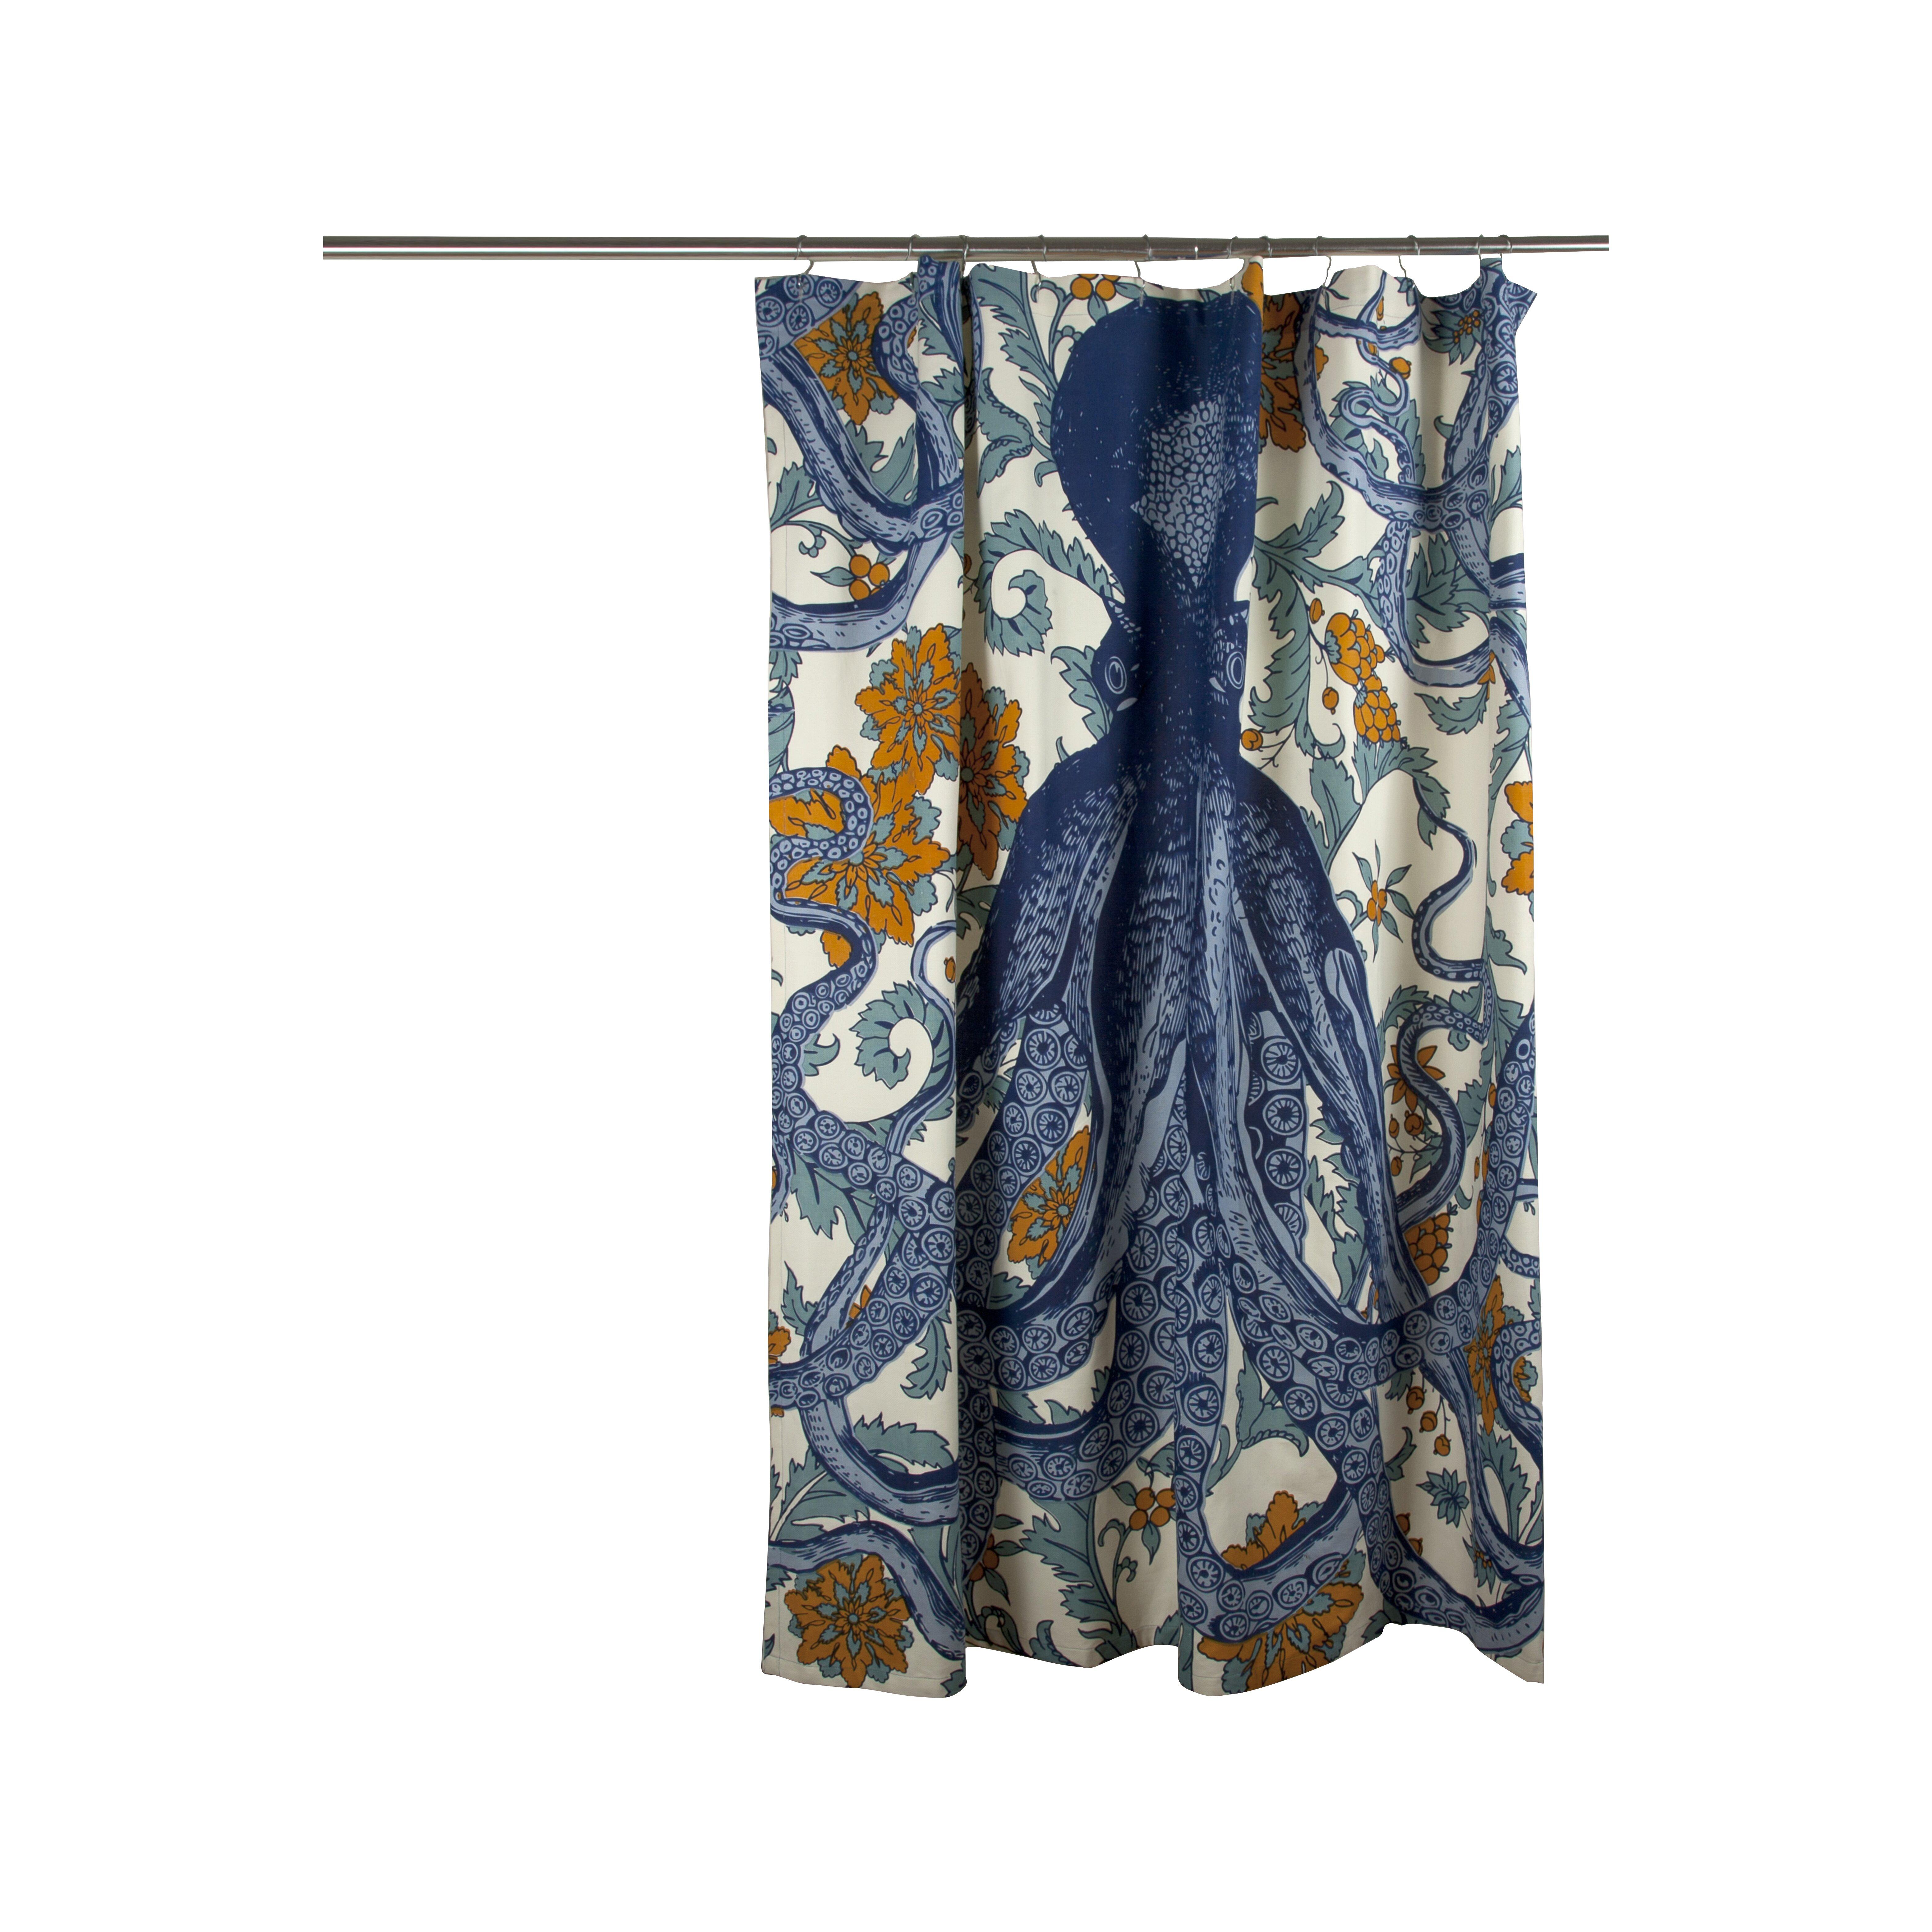 thomas paul octopus shower curtain uk  curtain menzilperdenet - octopus shower curtain thomas paul vineyard octopus shower curtain freeimage